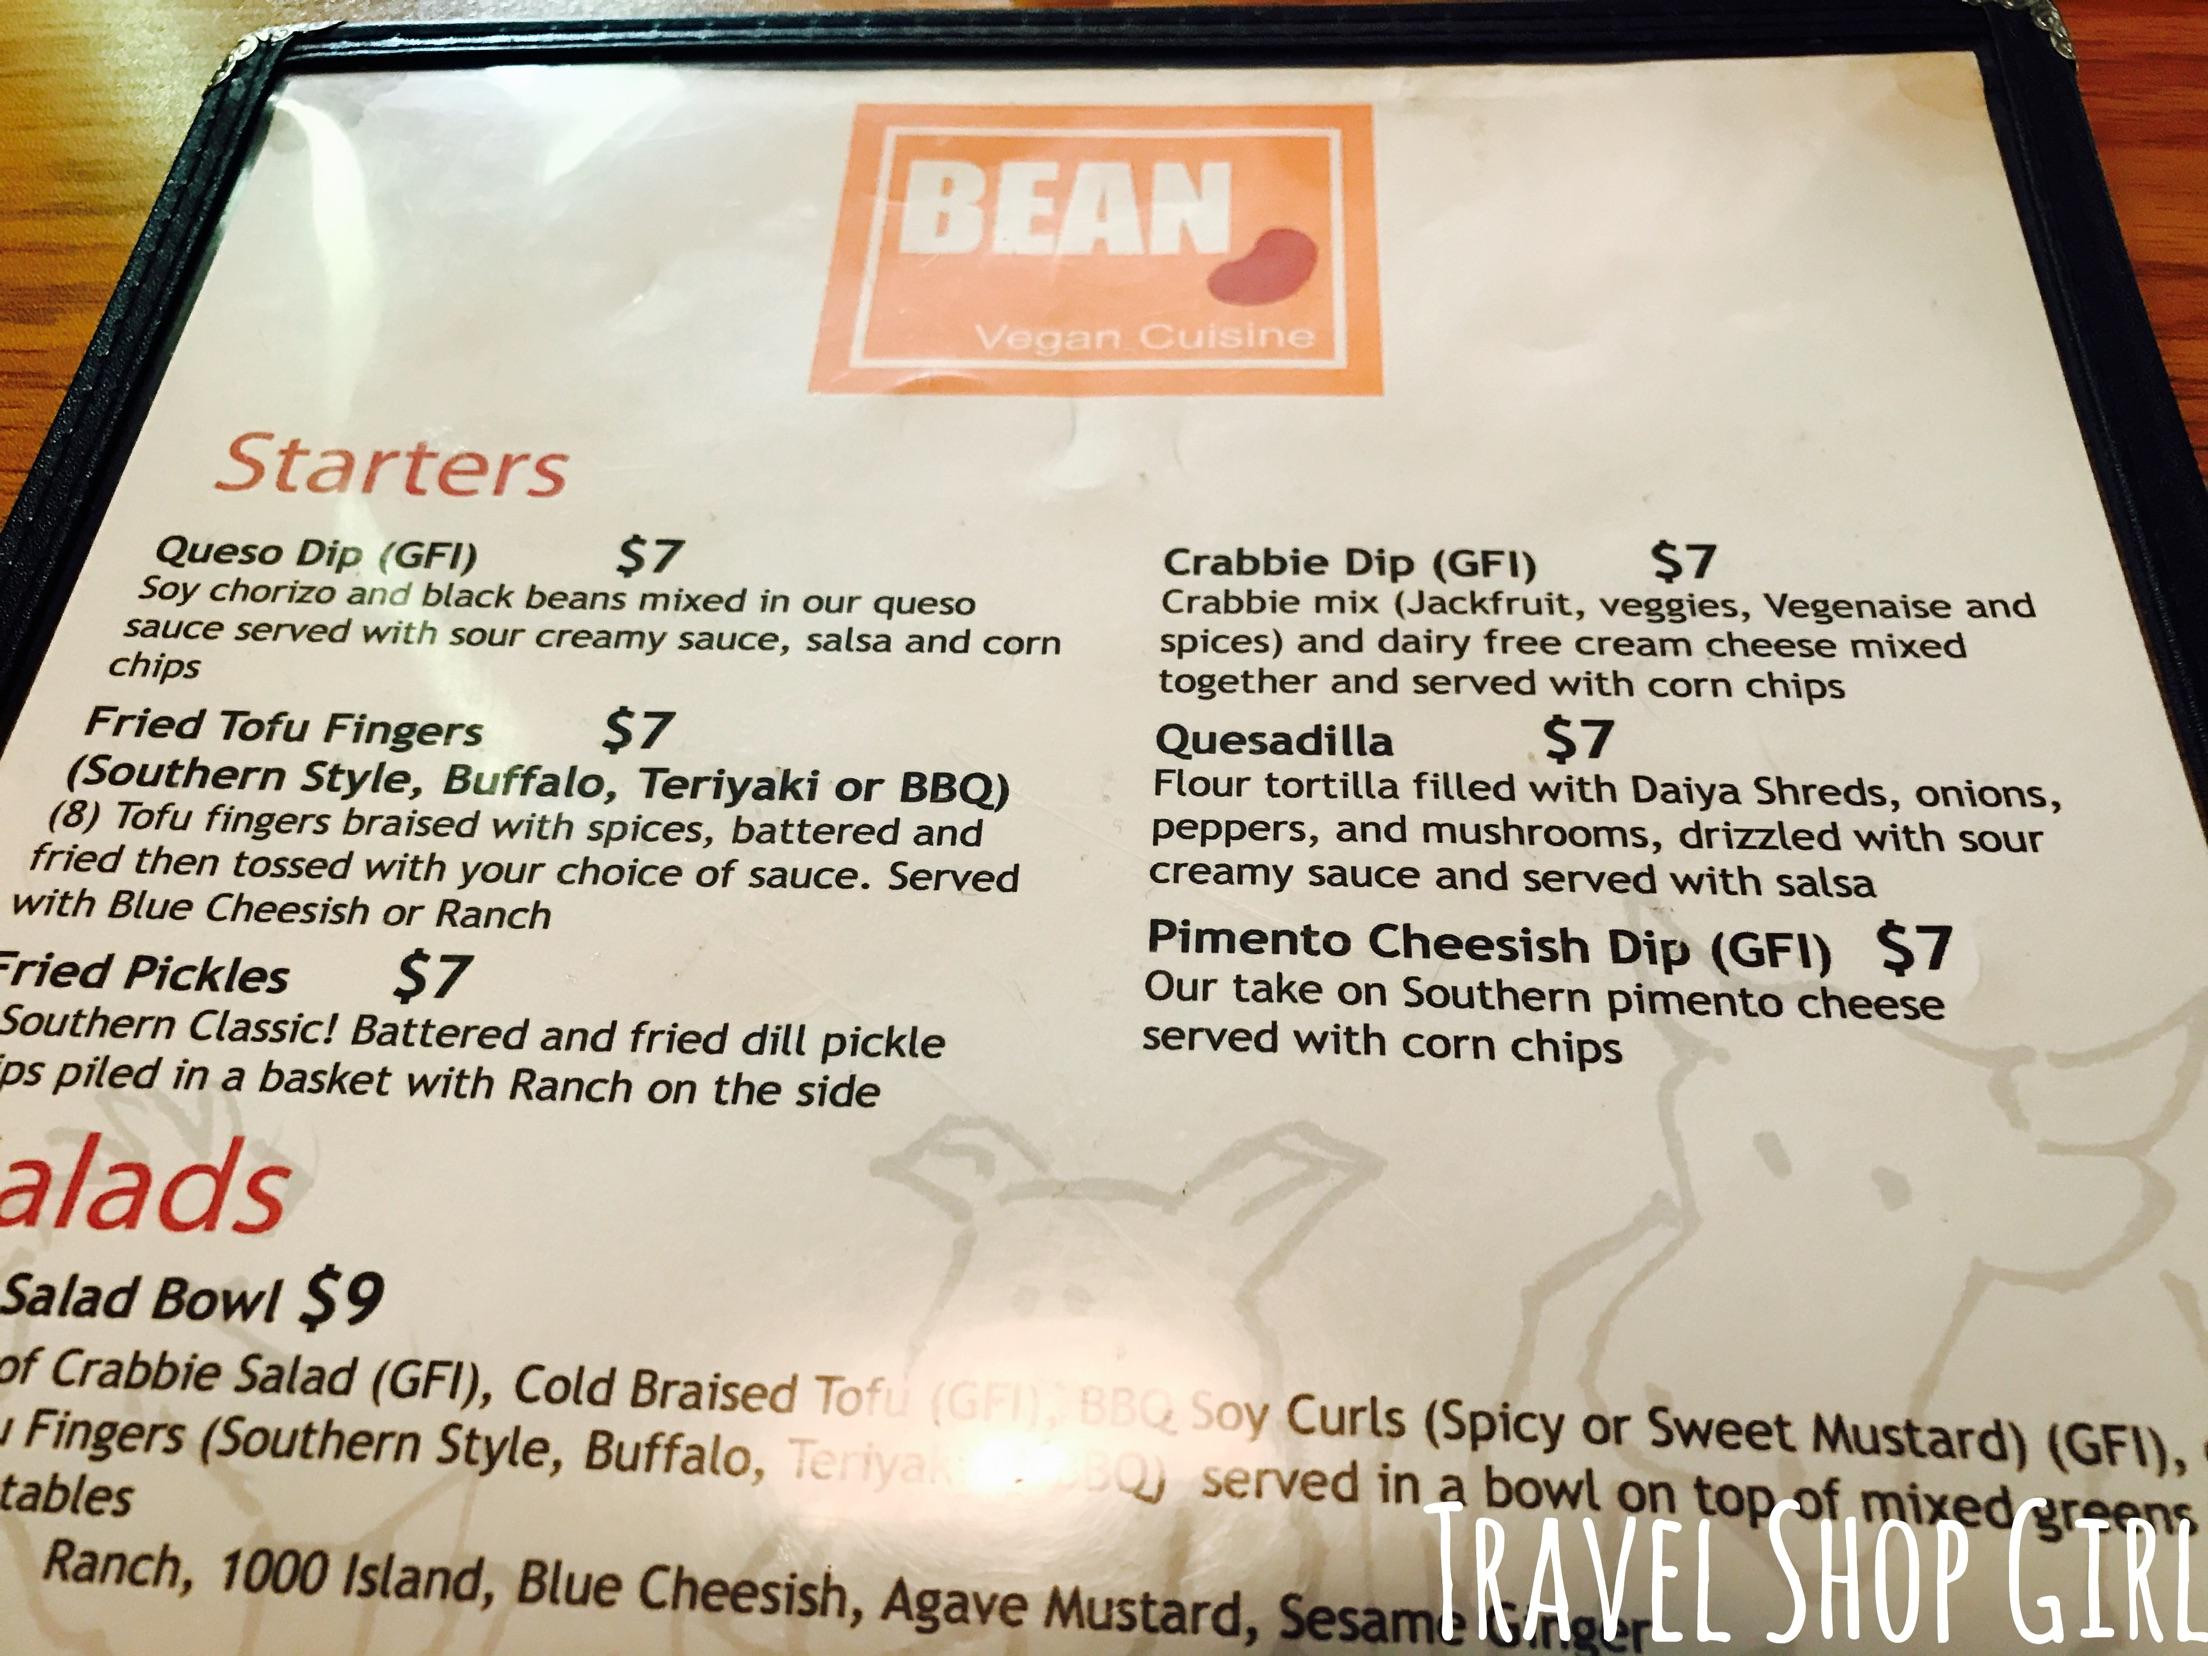 Bean Vegan